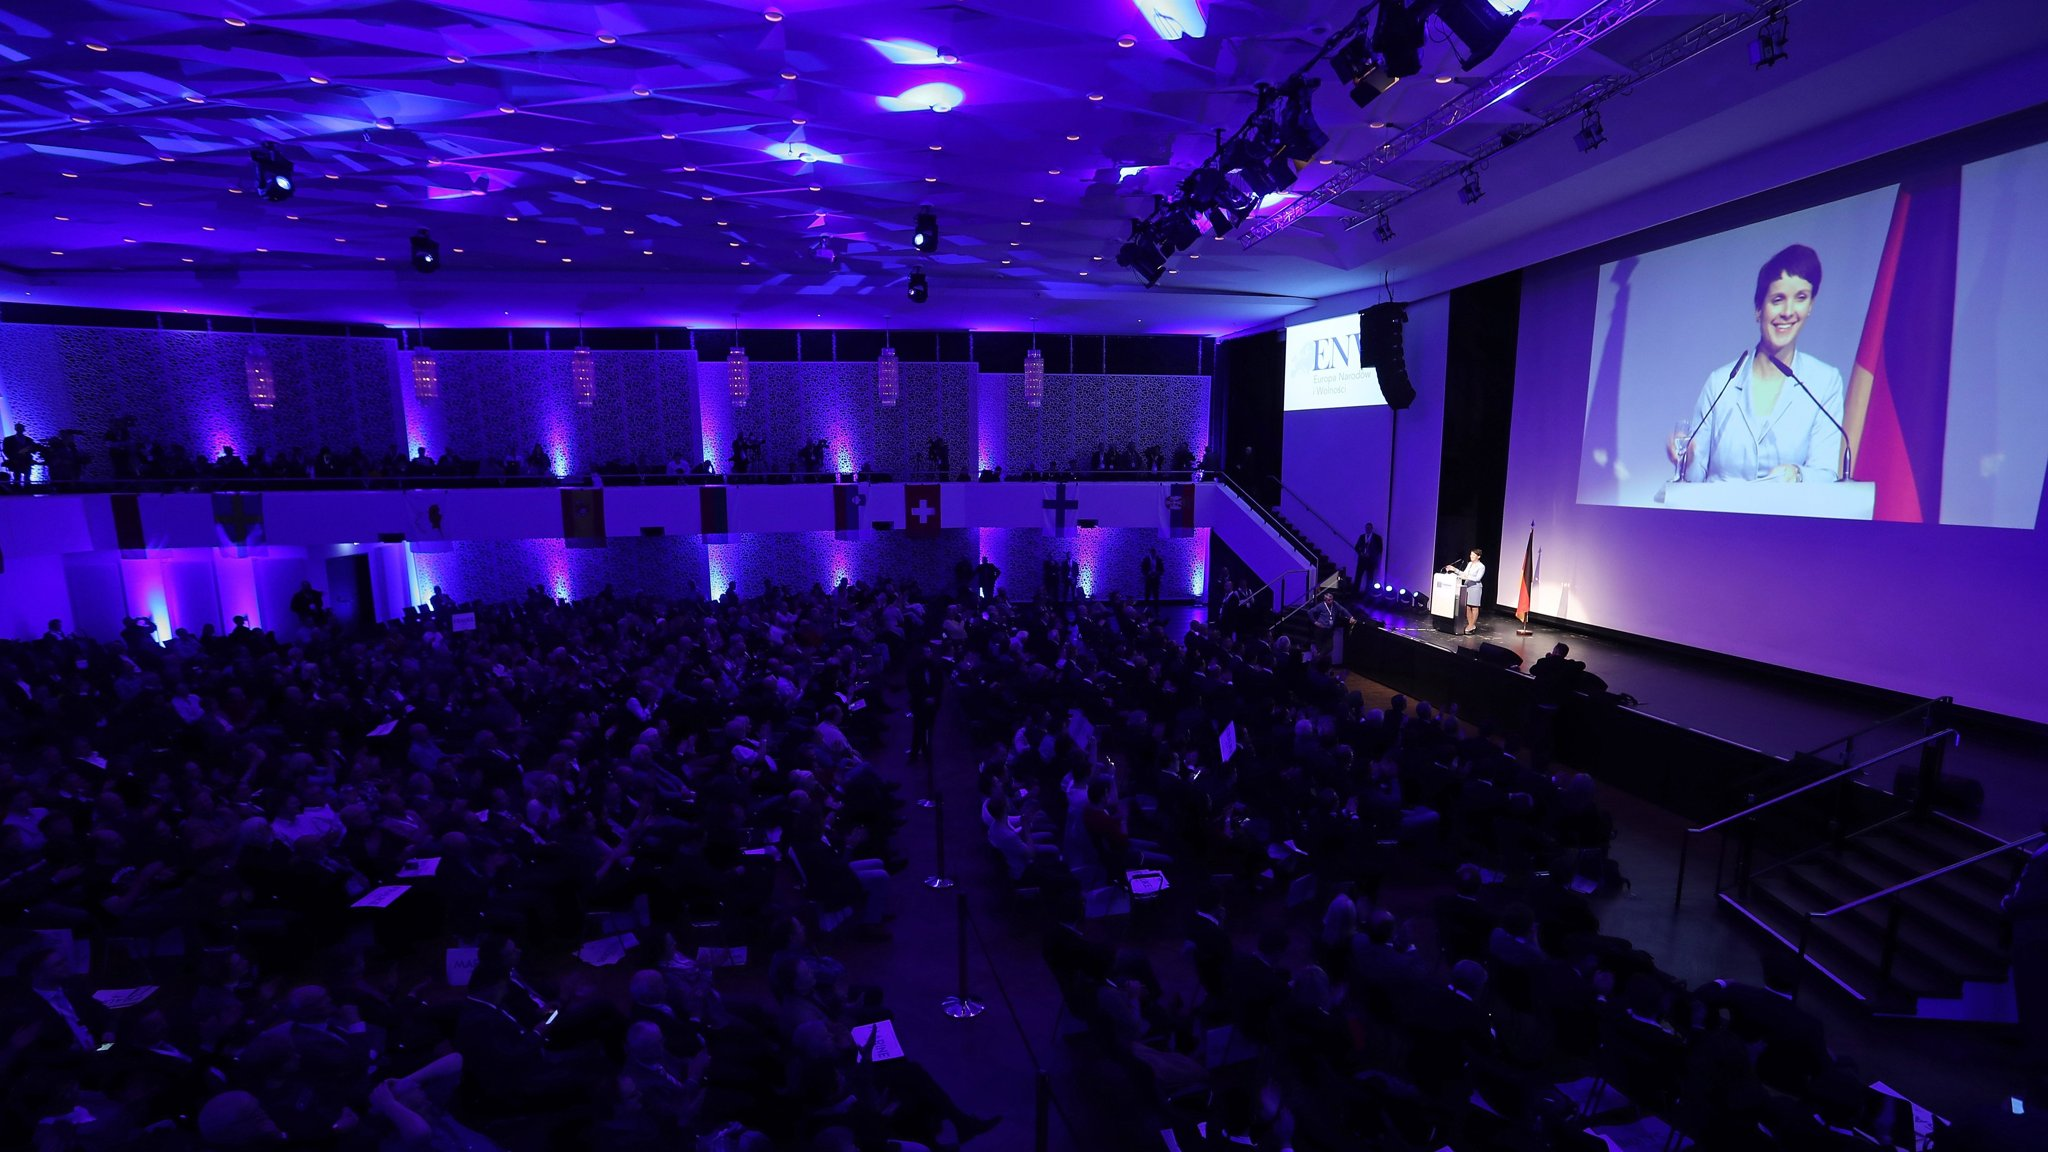 letzte Auswahl online hier Super Qualität Europe's top rightwing politicians gather in Koblenz ...